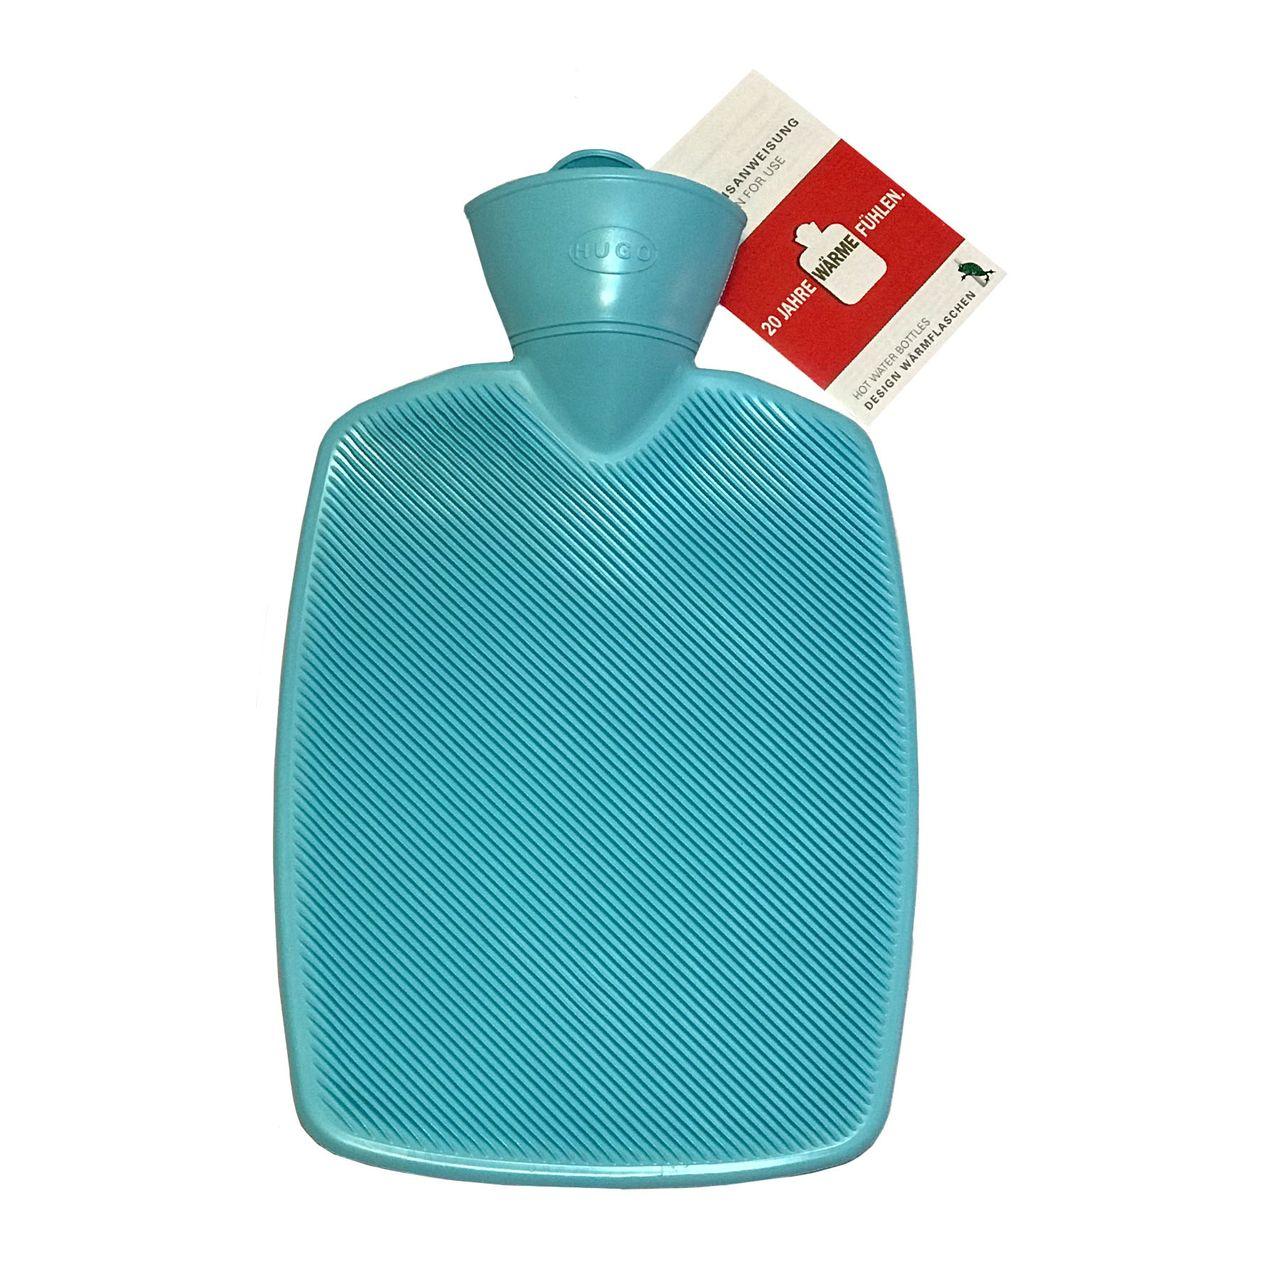 کیسه آب گرم کودک هوگو فروشکد 464